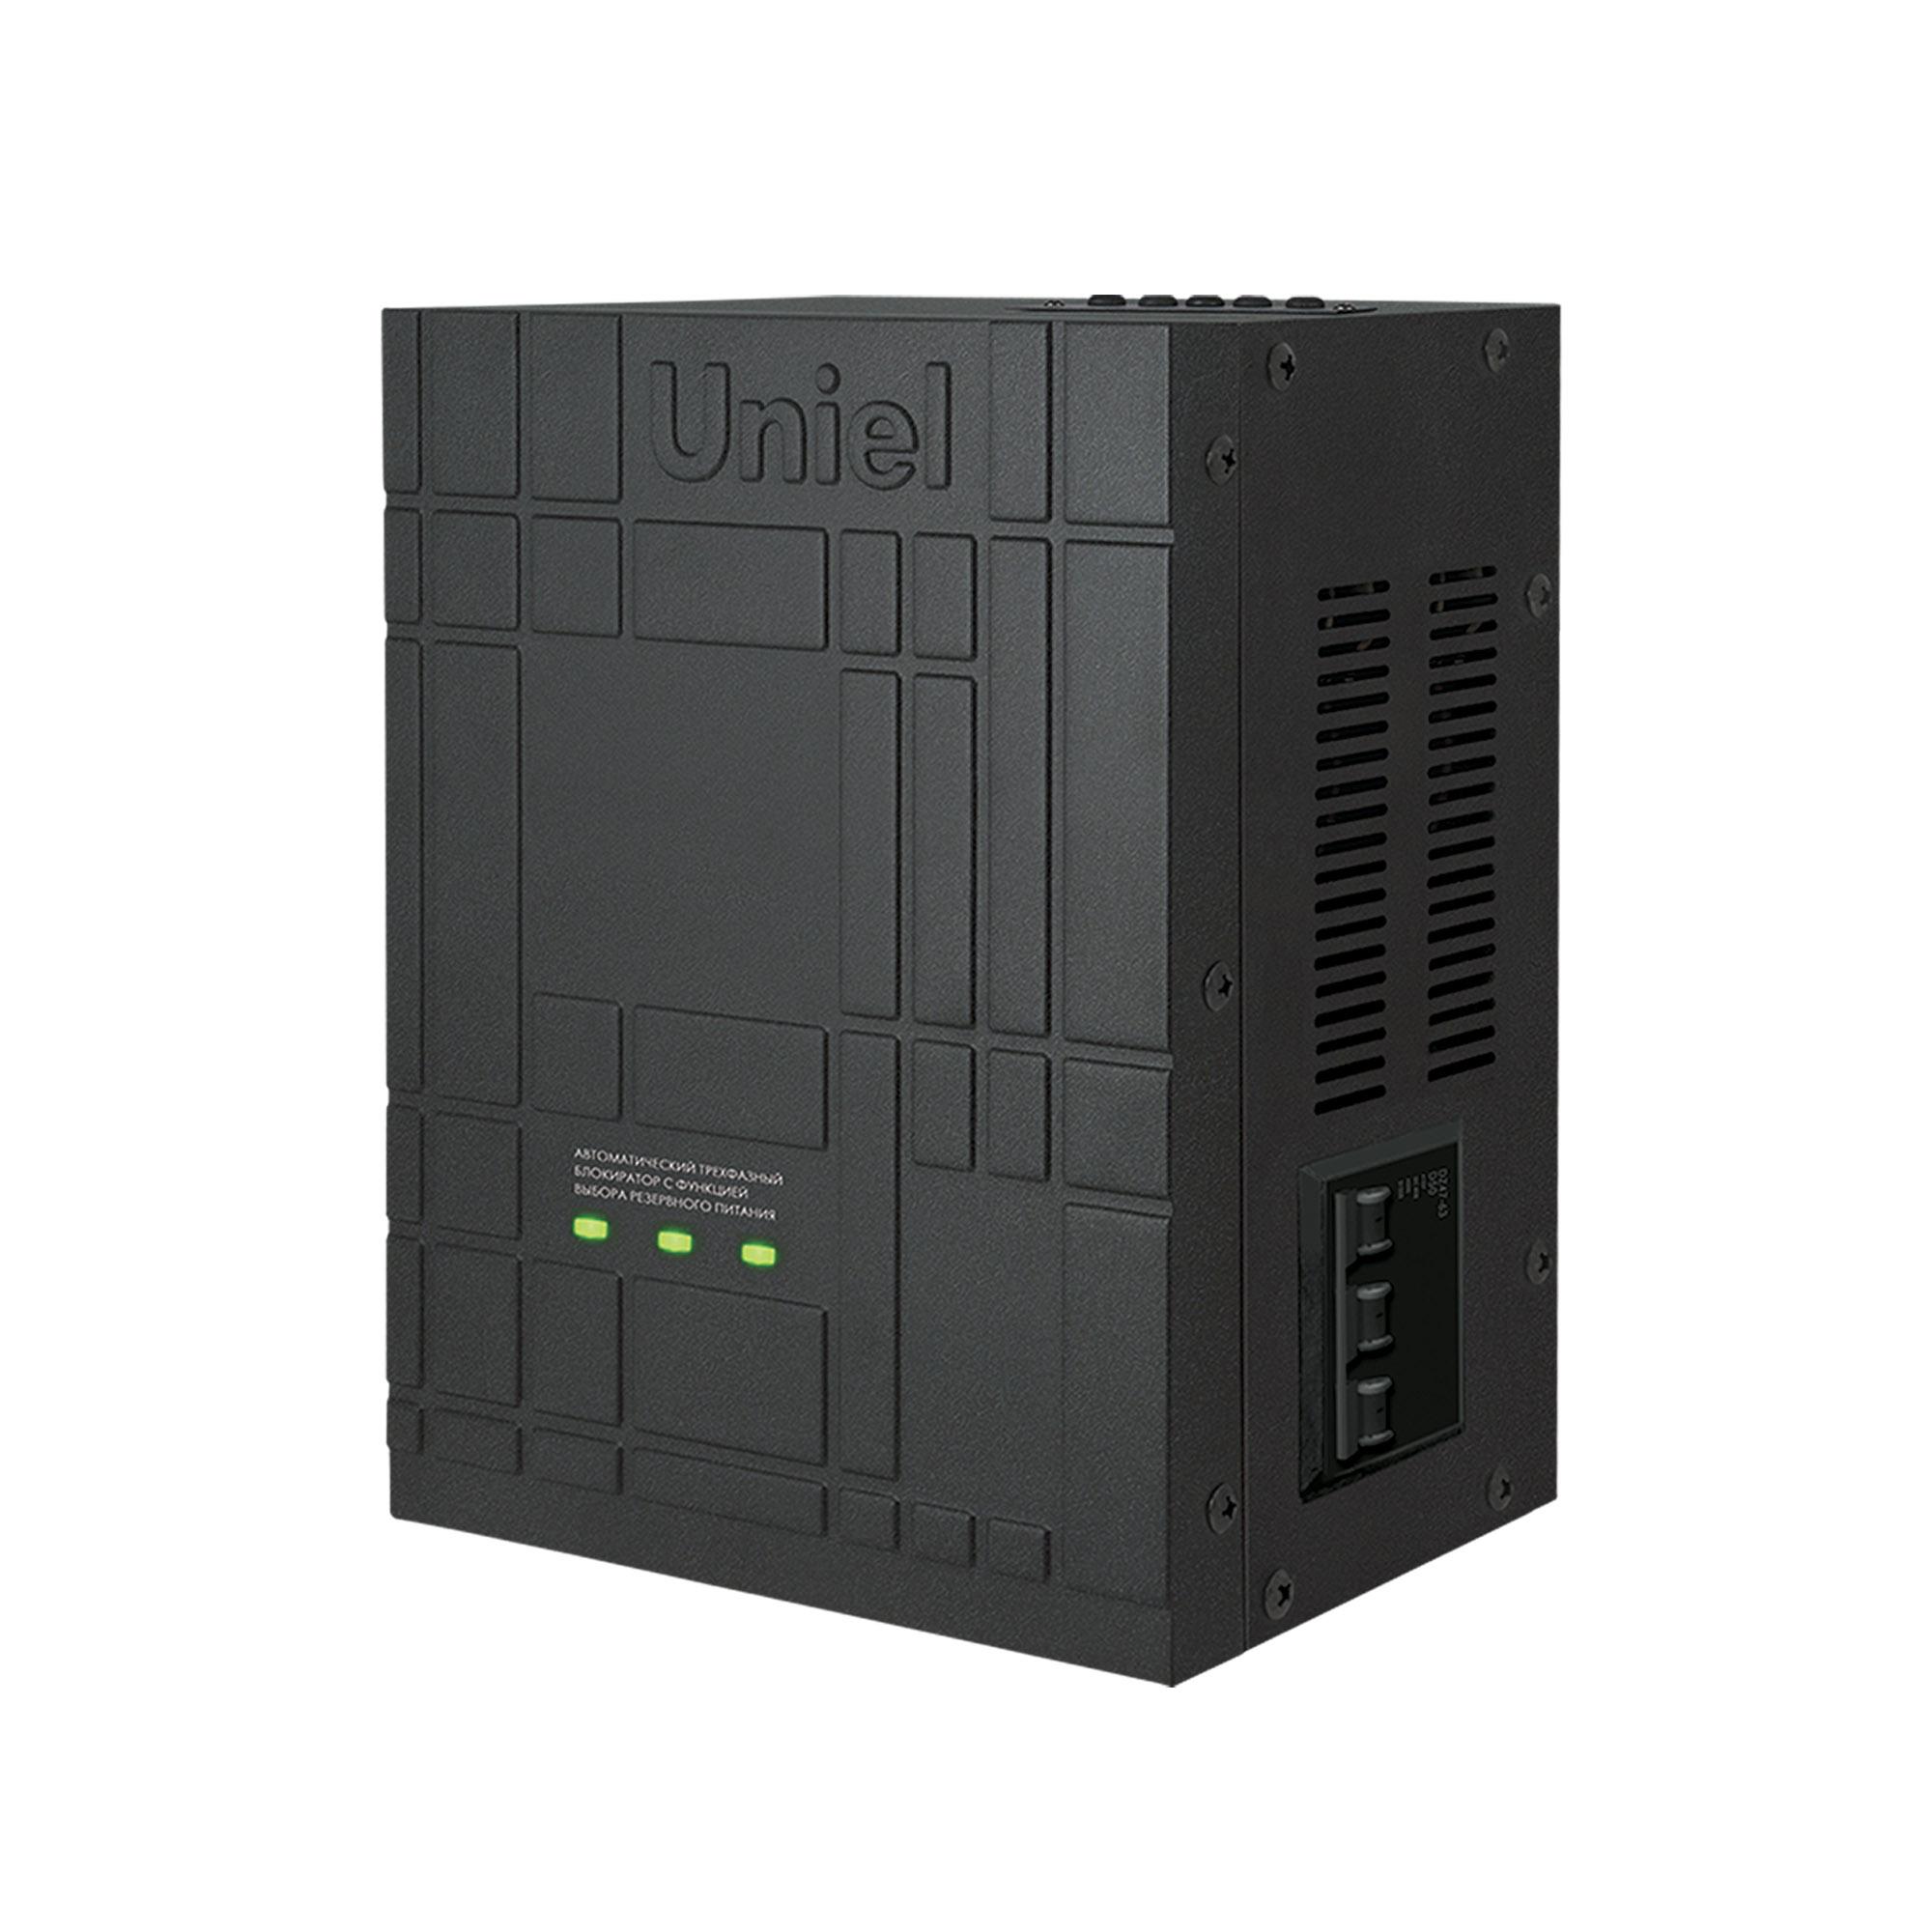 Купить со скидкой Автоматический трехфазный блокиратор Uniel Ubr-55ba-3g36/sls